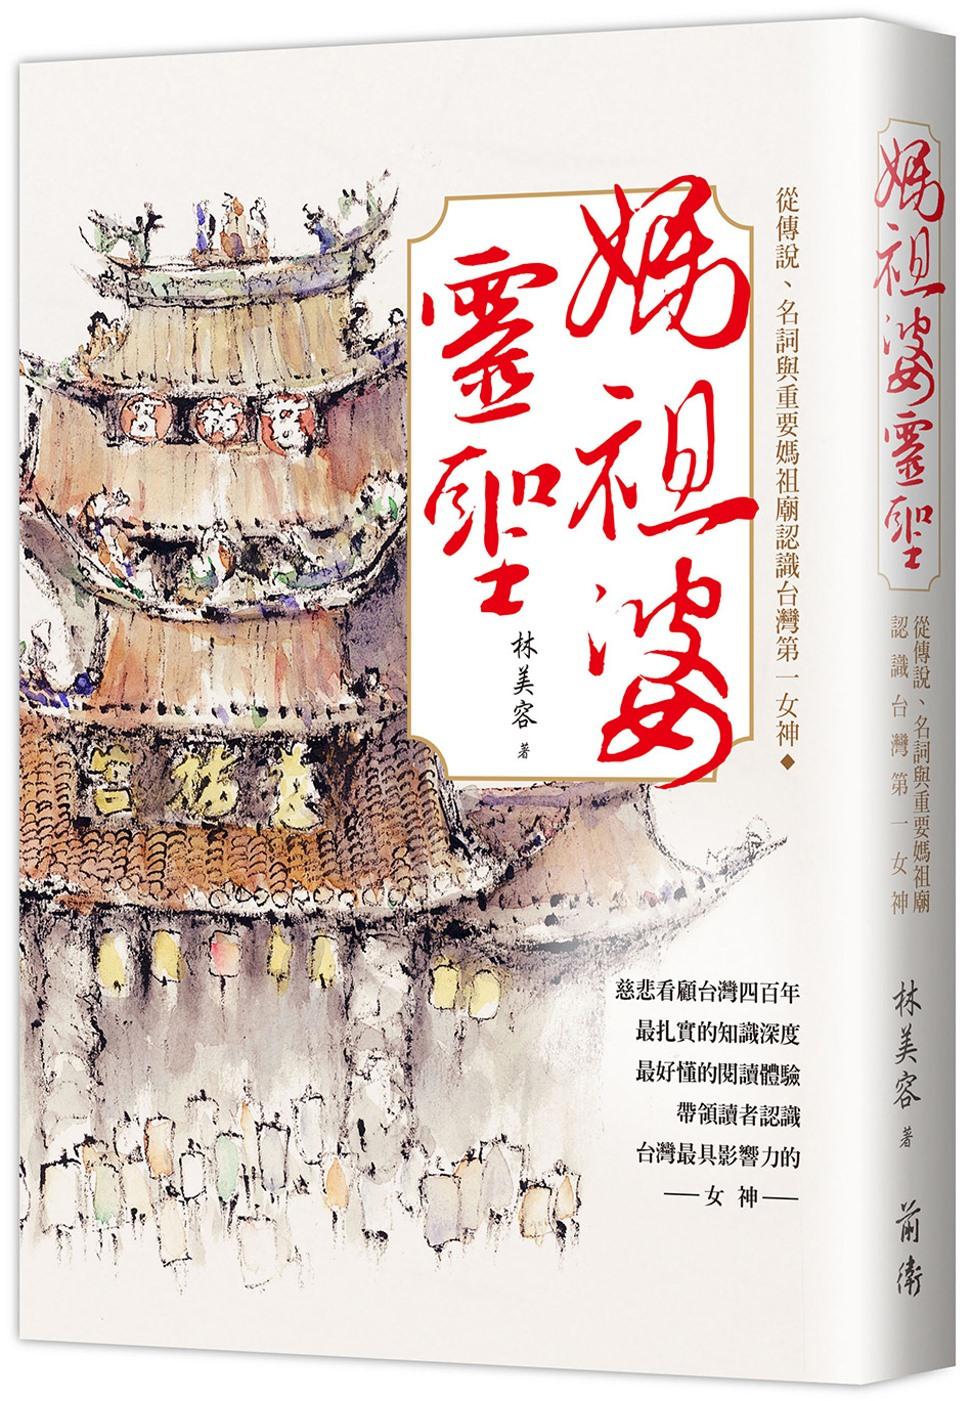 媽祖婆靈聖:從傳說、名詞與重要媽祖廟認識台灣第一女神